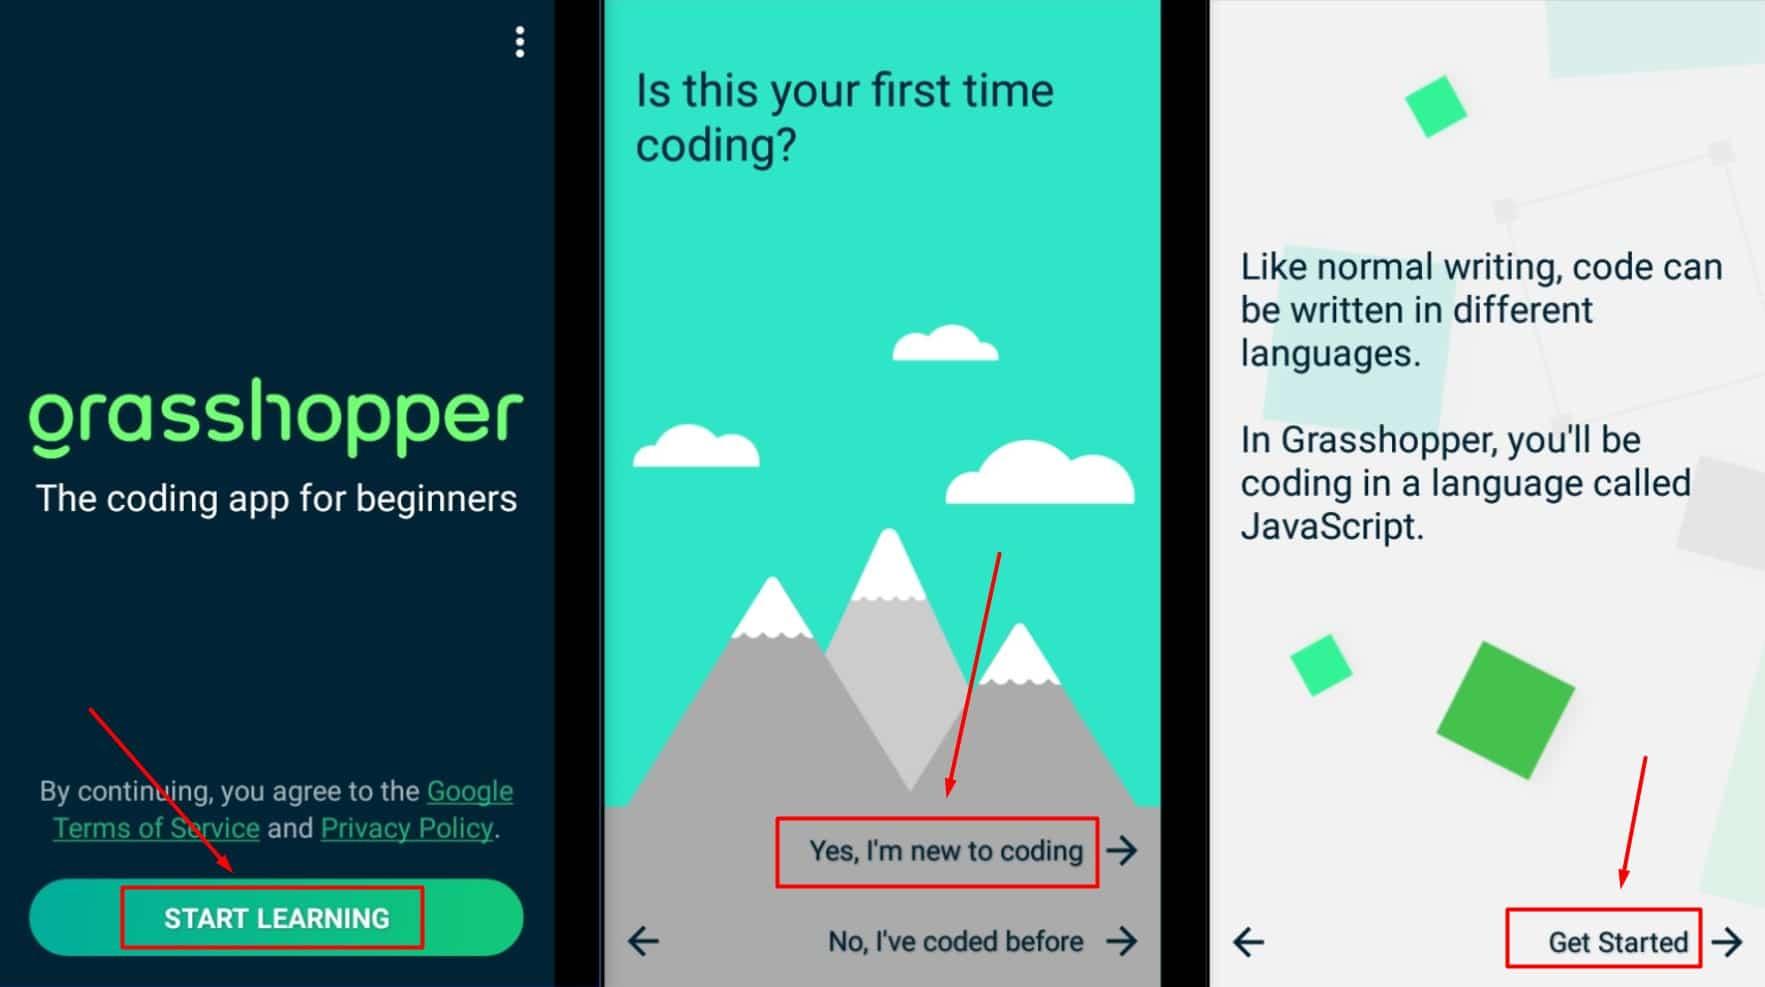 تطبيق grasshopper لتعلم لغة البرمجة